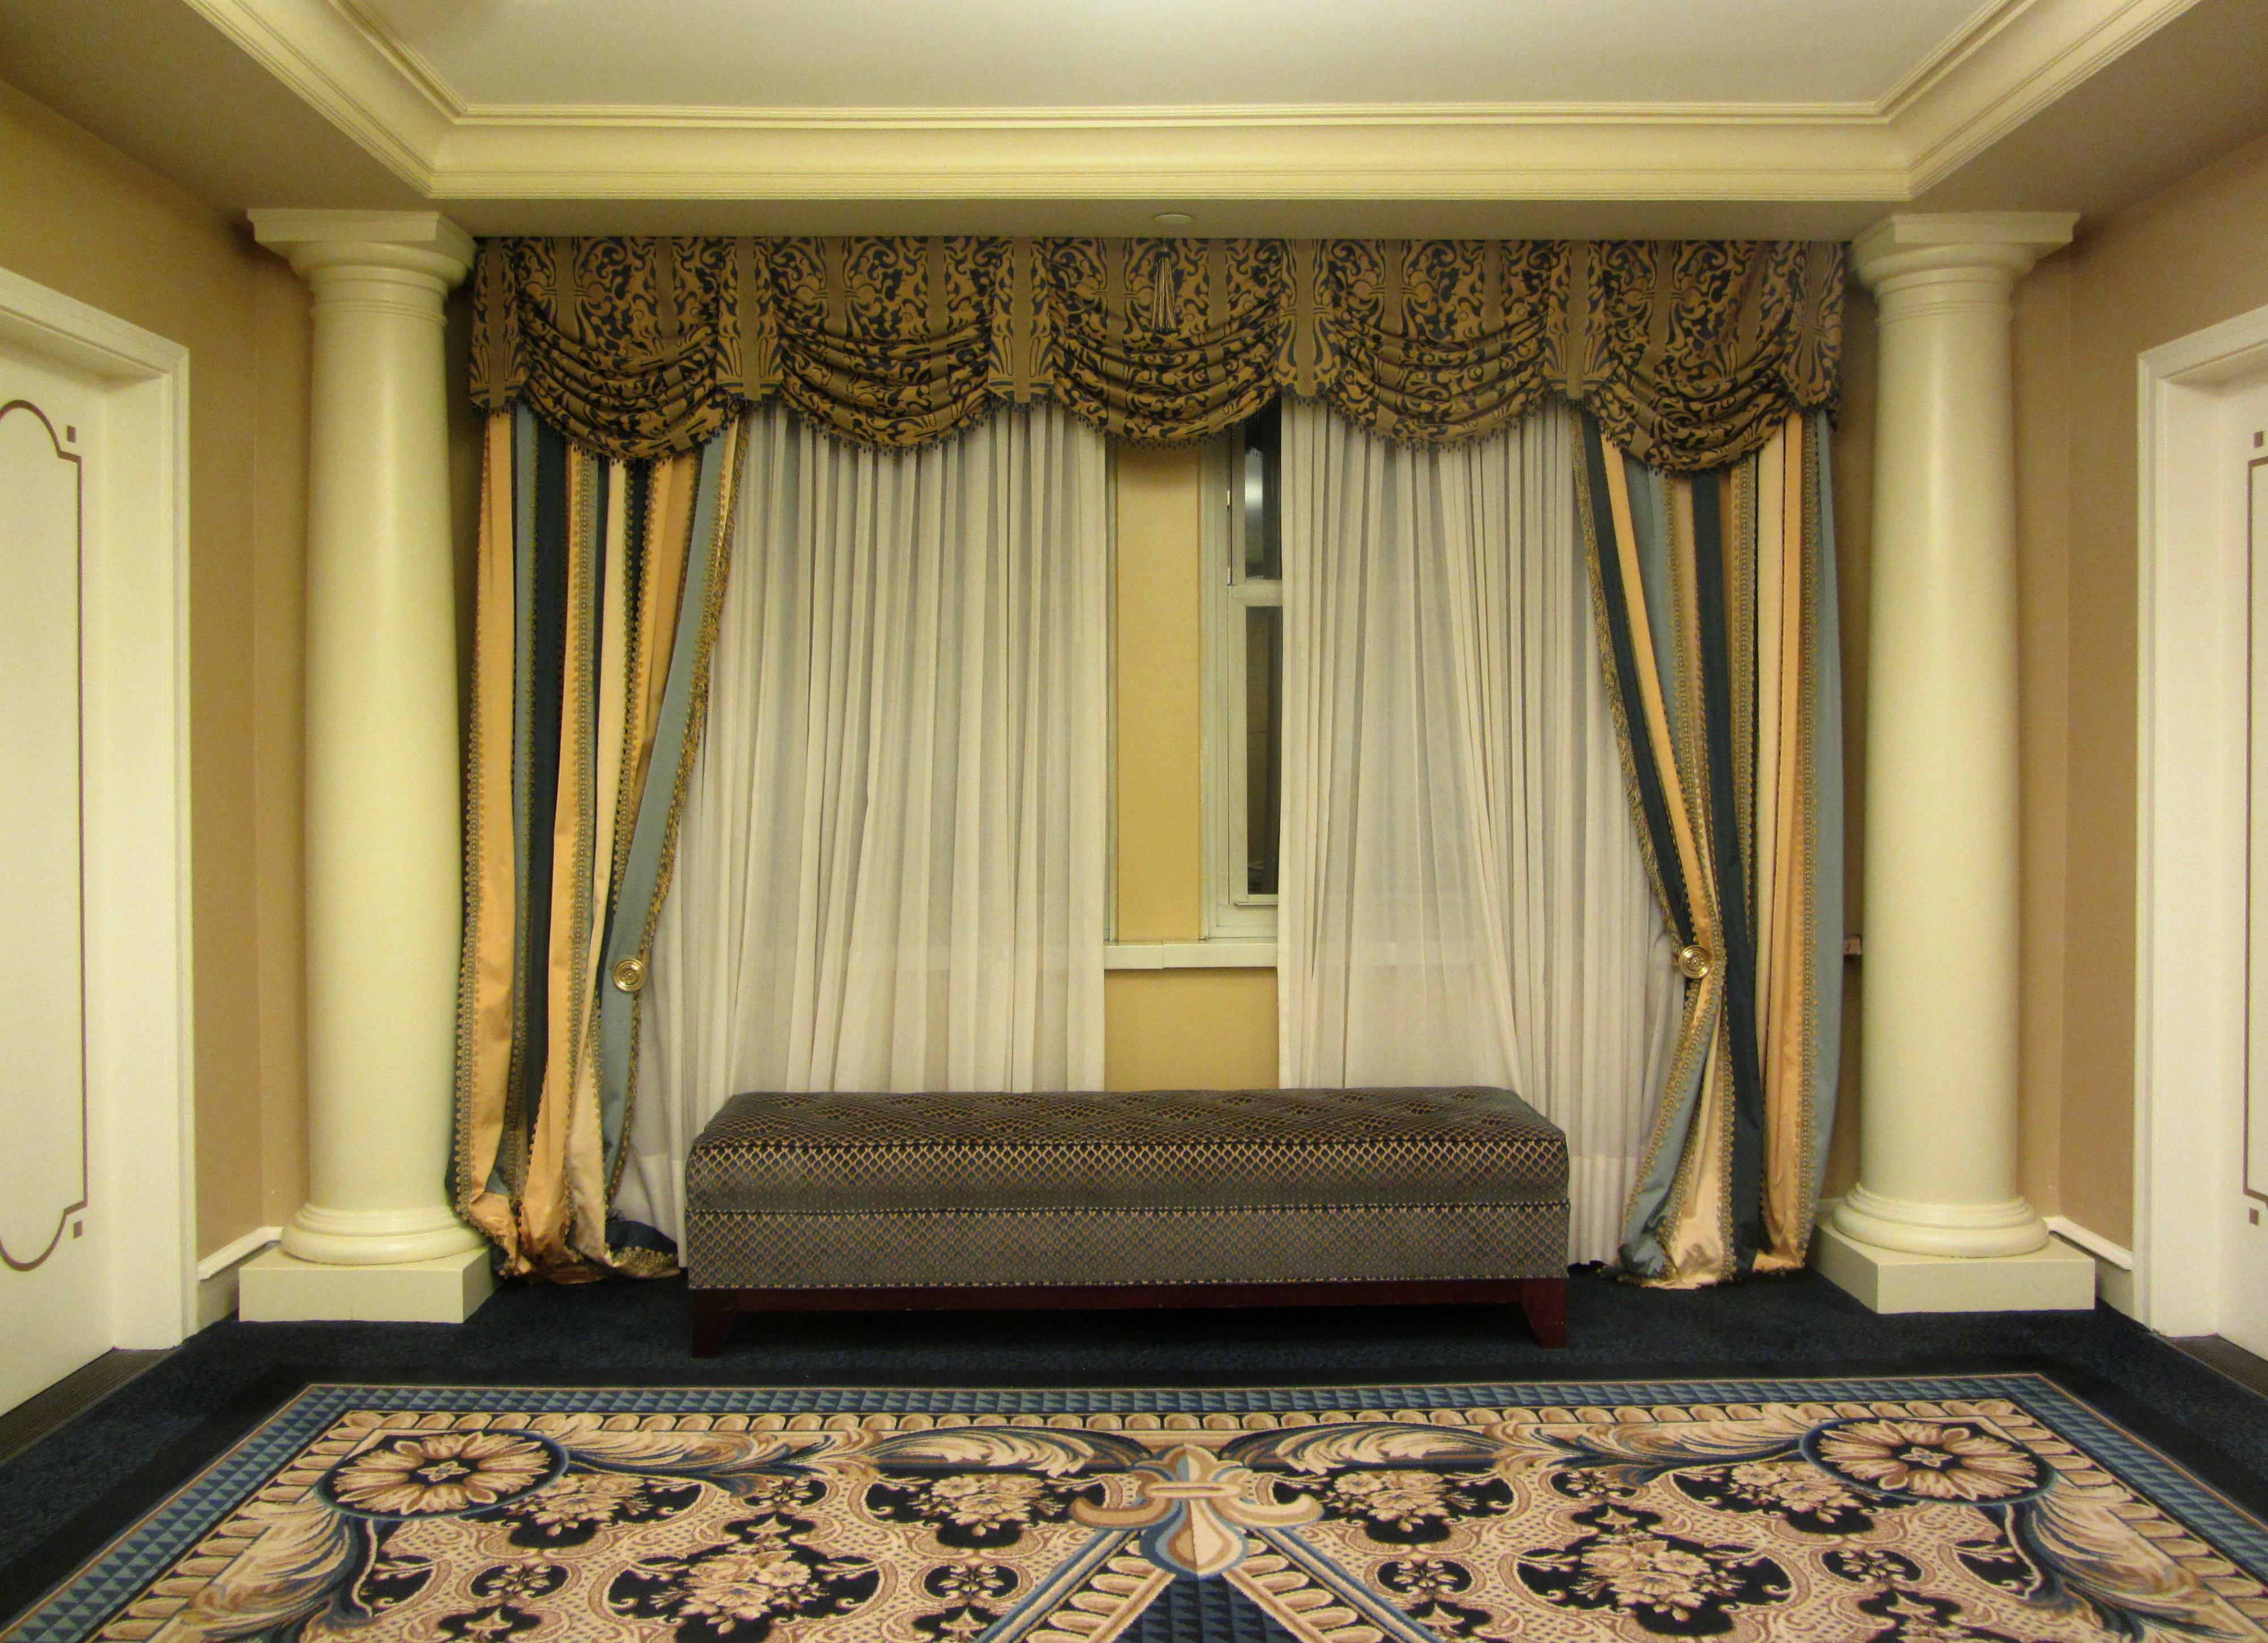 Hintergrundbilder : Vorhang, Zimmer, Innenarchitektur, Decke ...